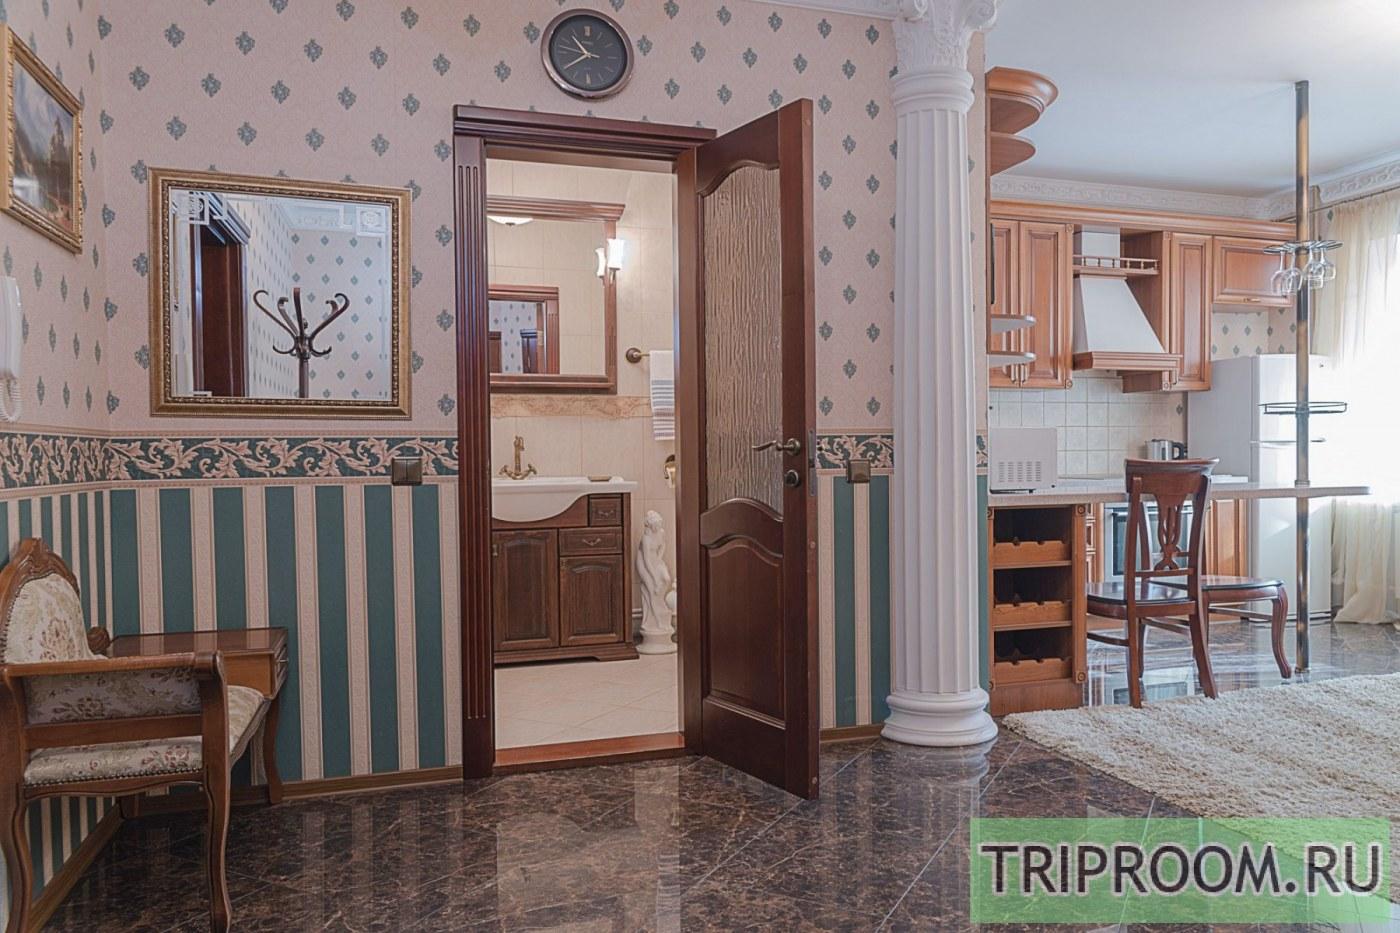 2-комнатная квартира посуточно (вариант № 39986), ул. Взлётная улица, фото № 7